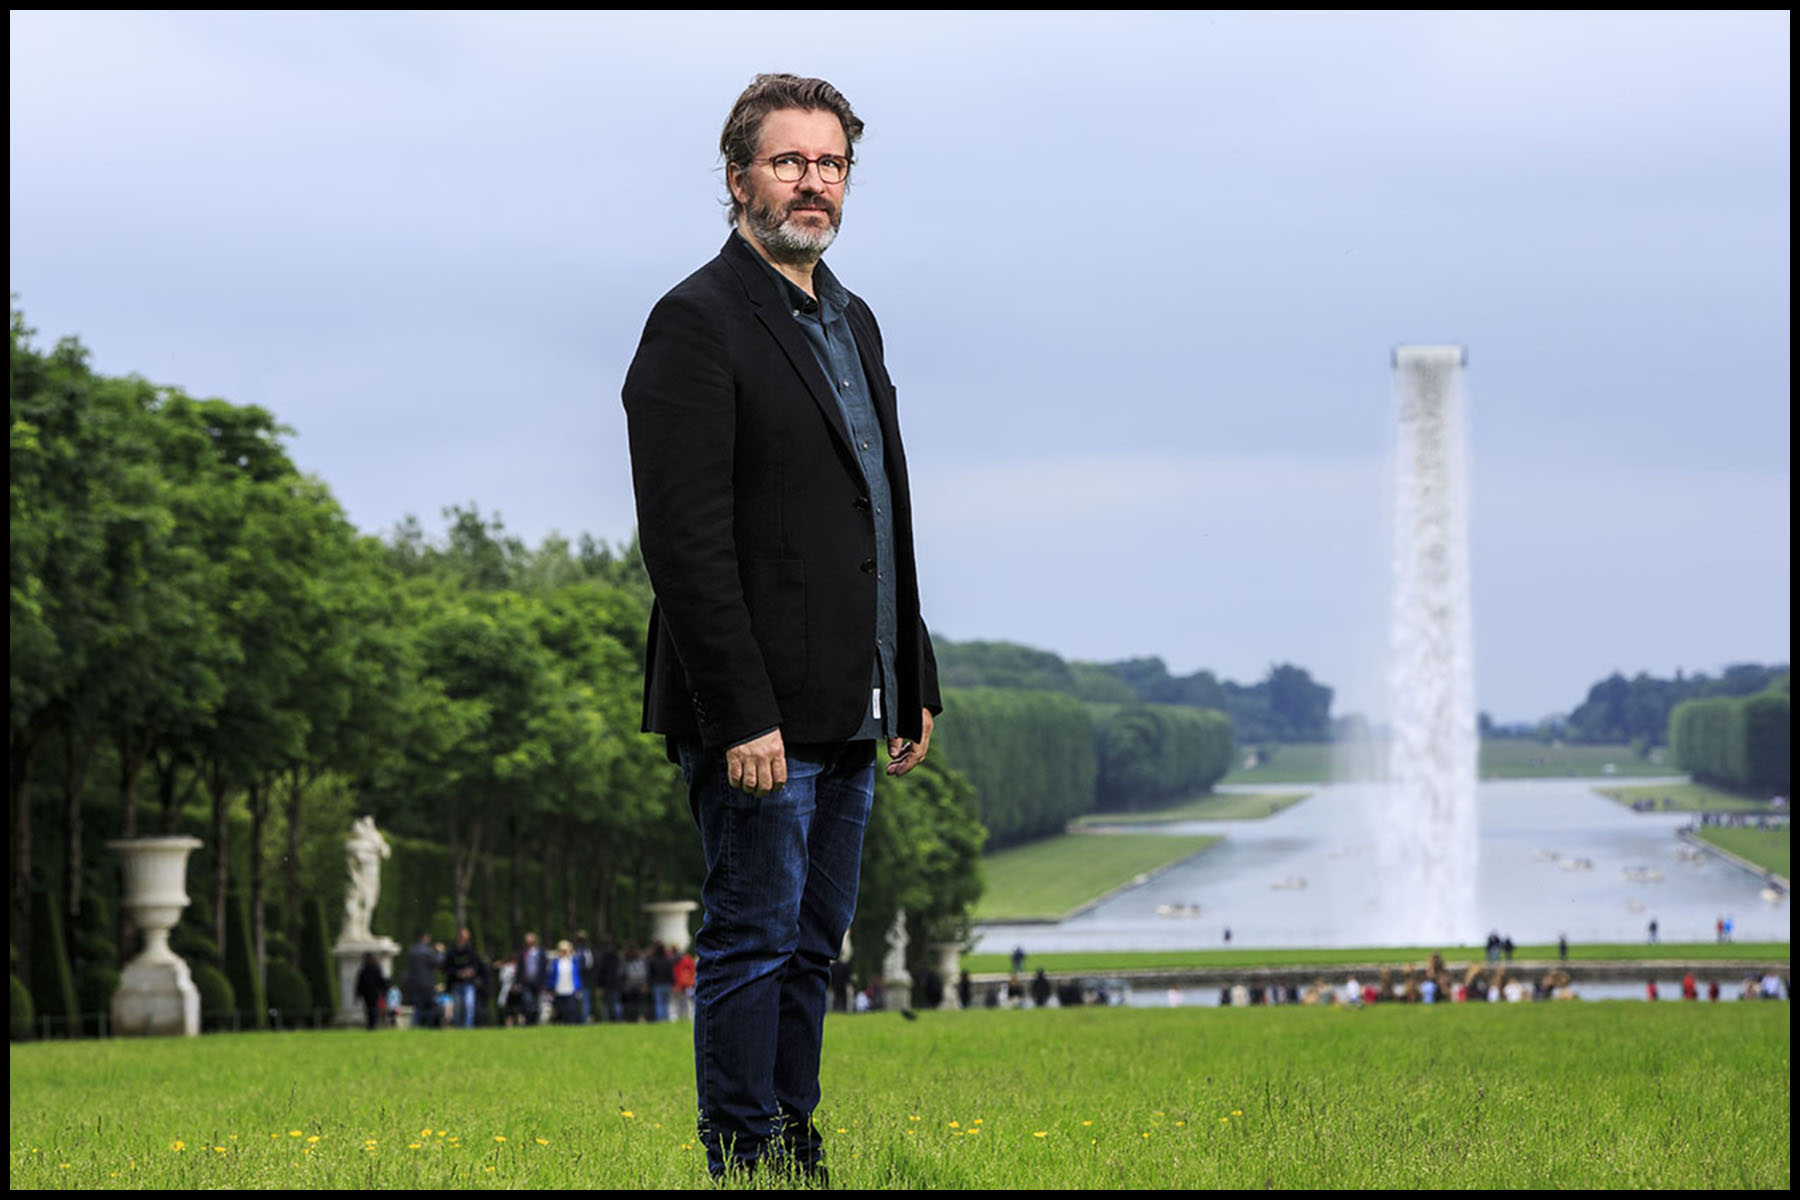 L'artiste Danois-Islandais Olafur ELIASSON succède à Anish KAPOOR comme invité du château de Versailles pour l'été 2016